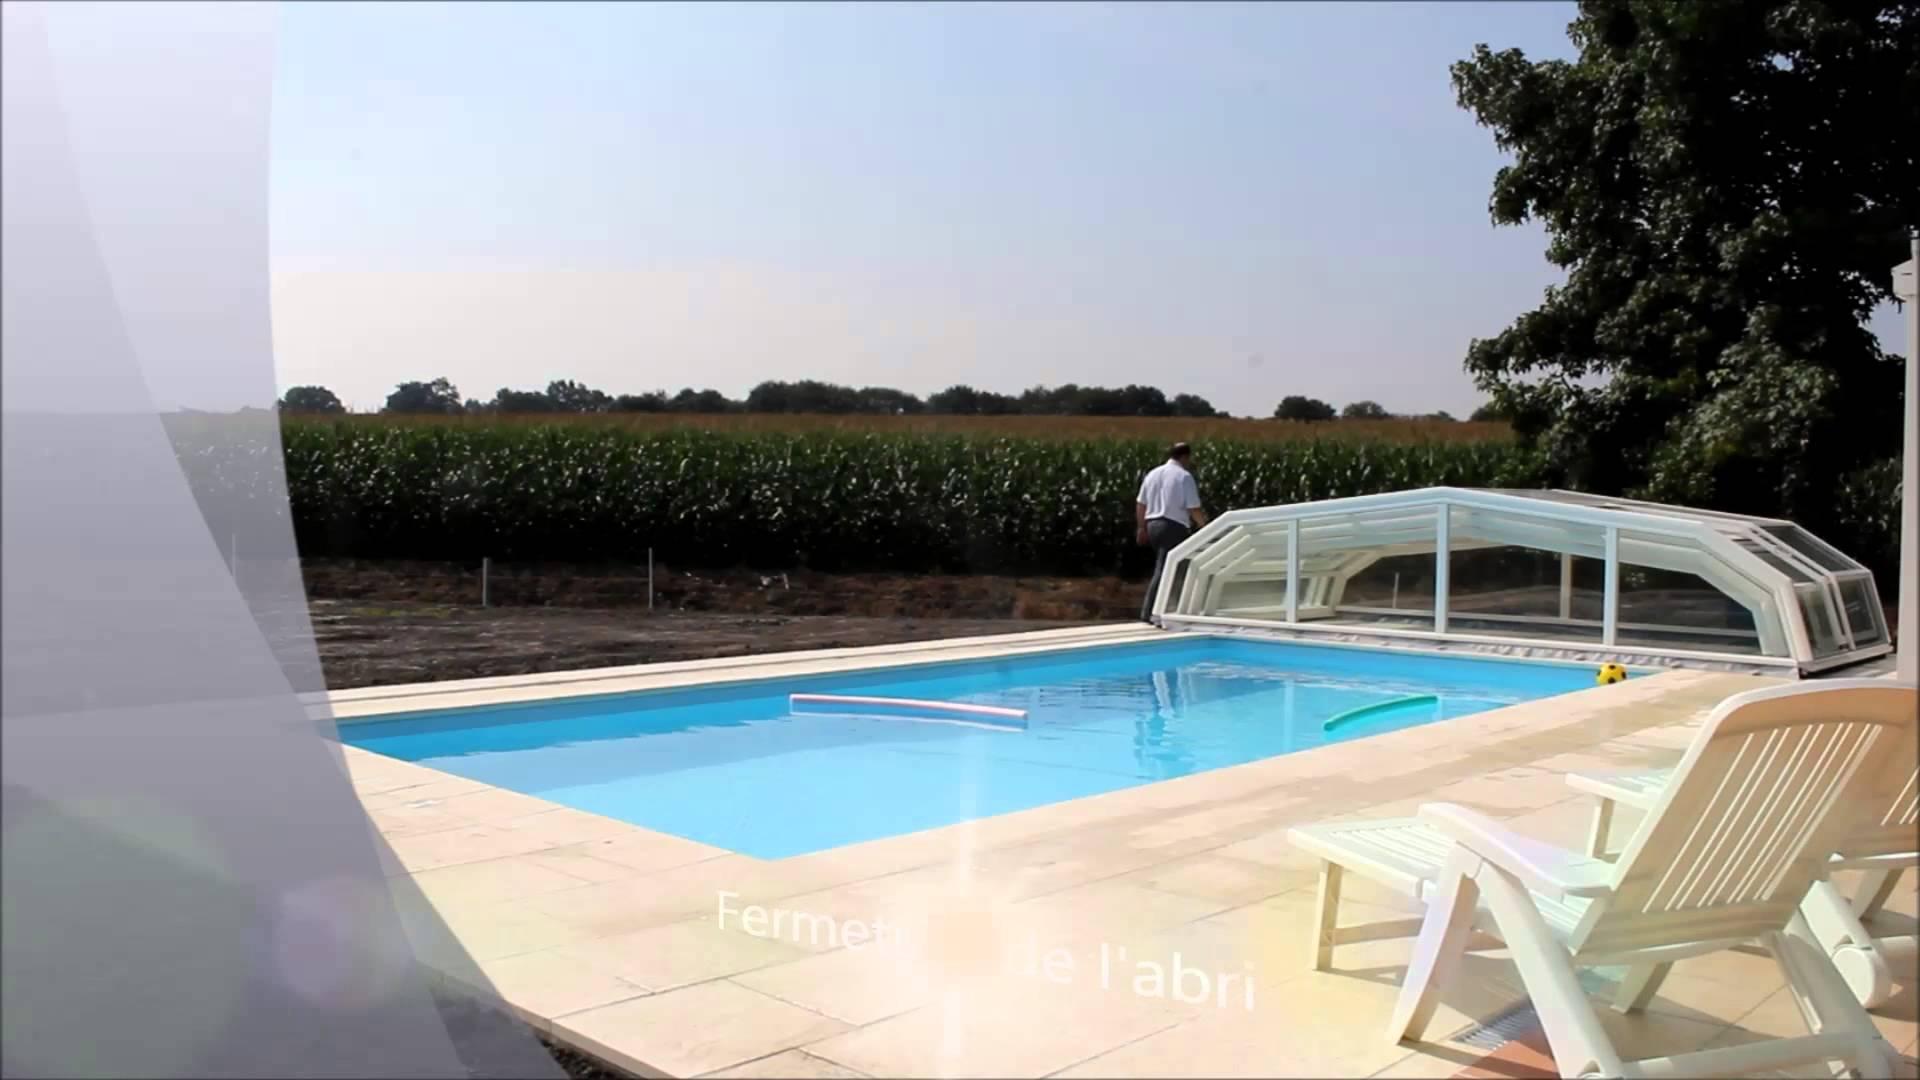 abri piscine sesame avis